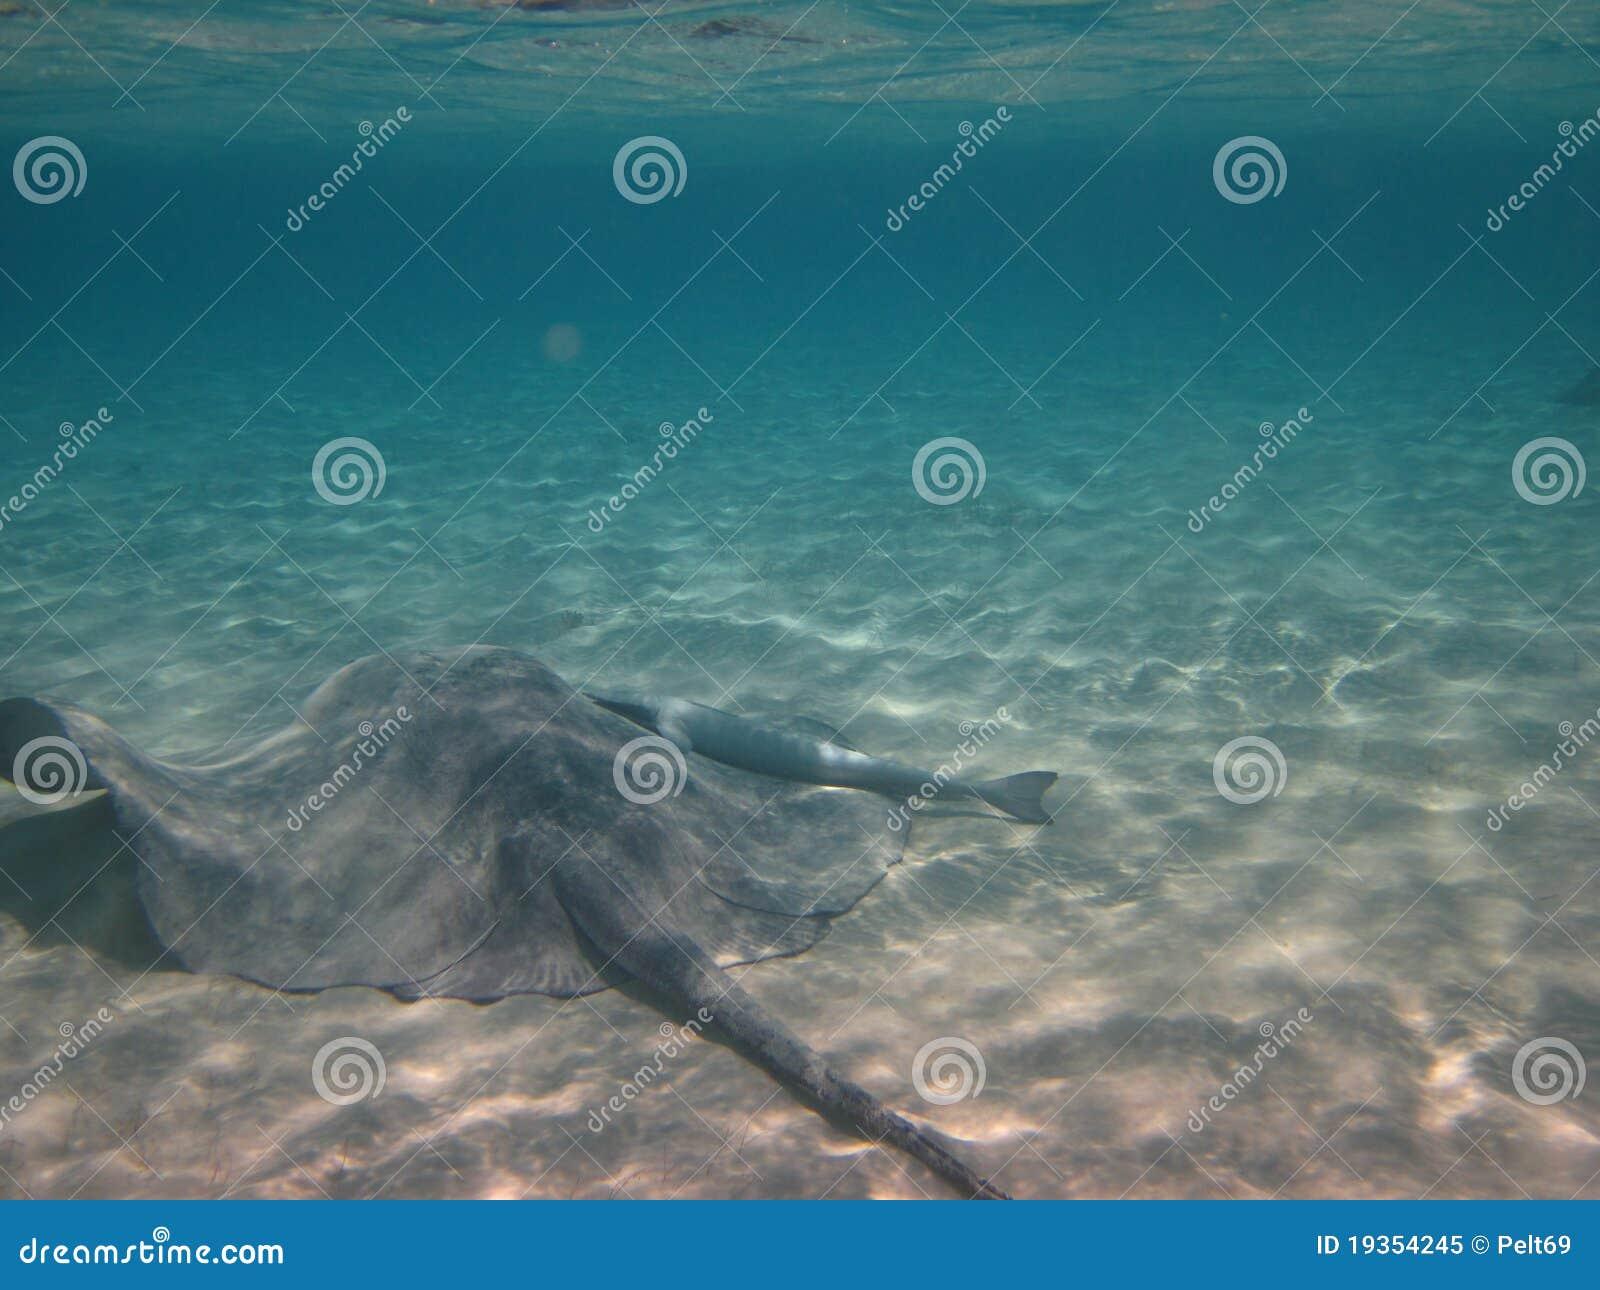 Stingray no mar